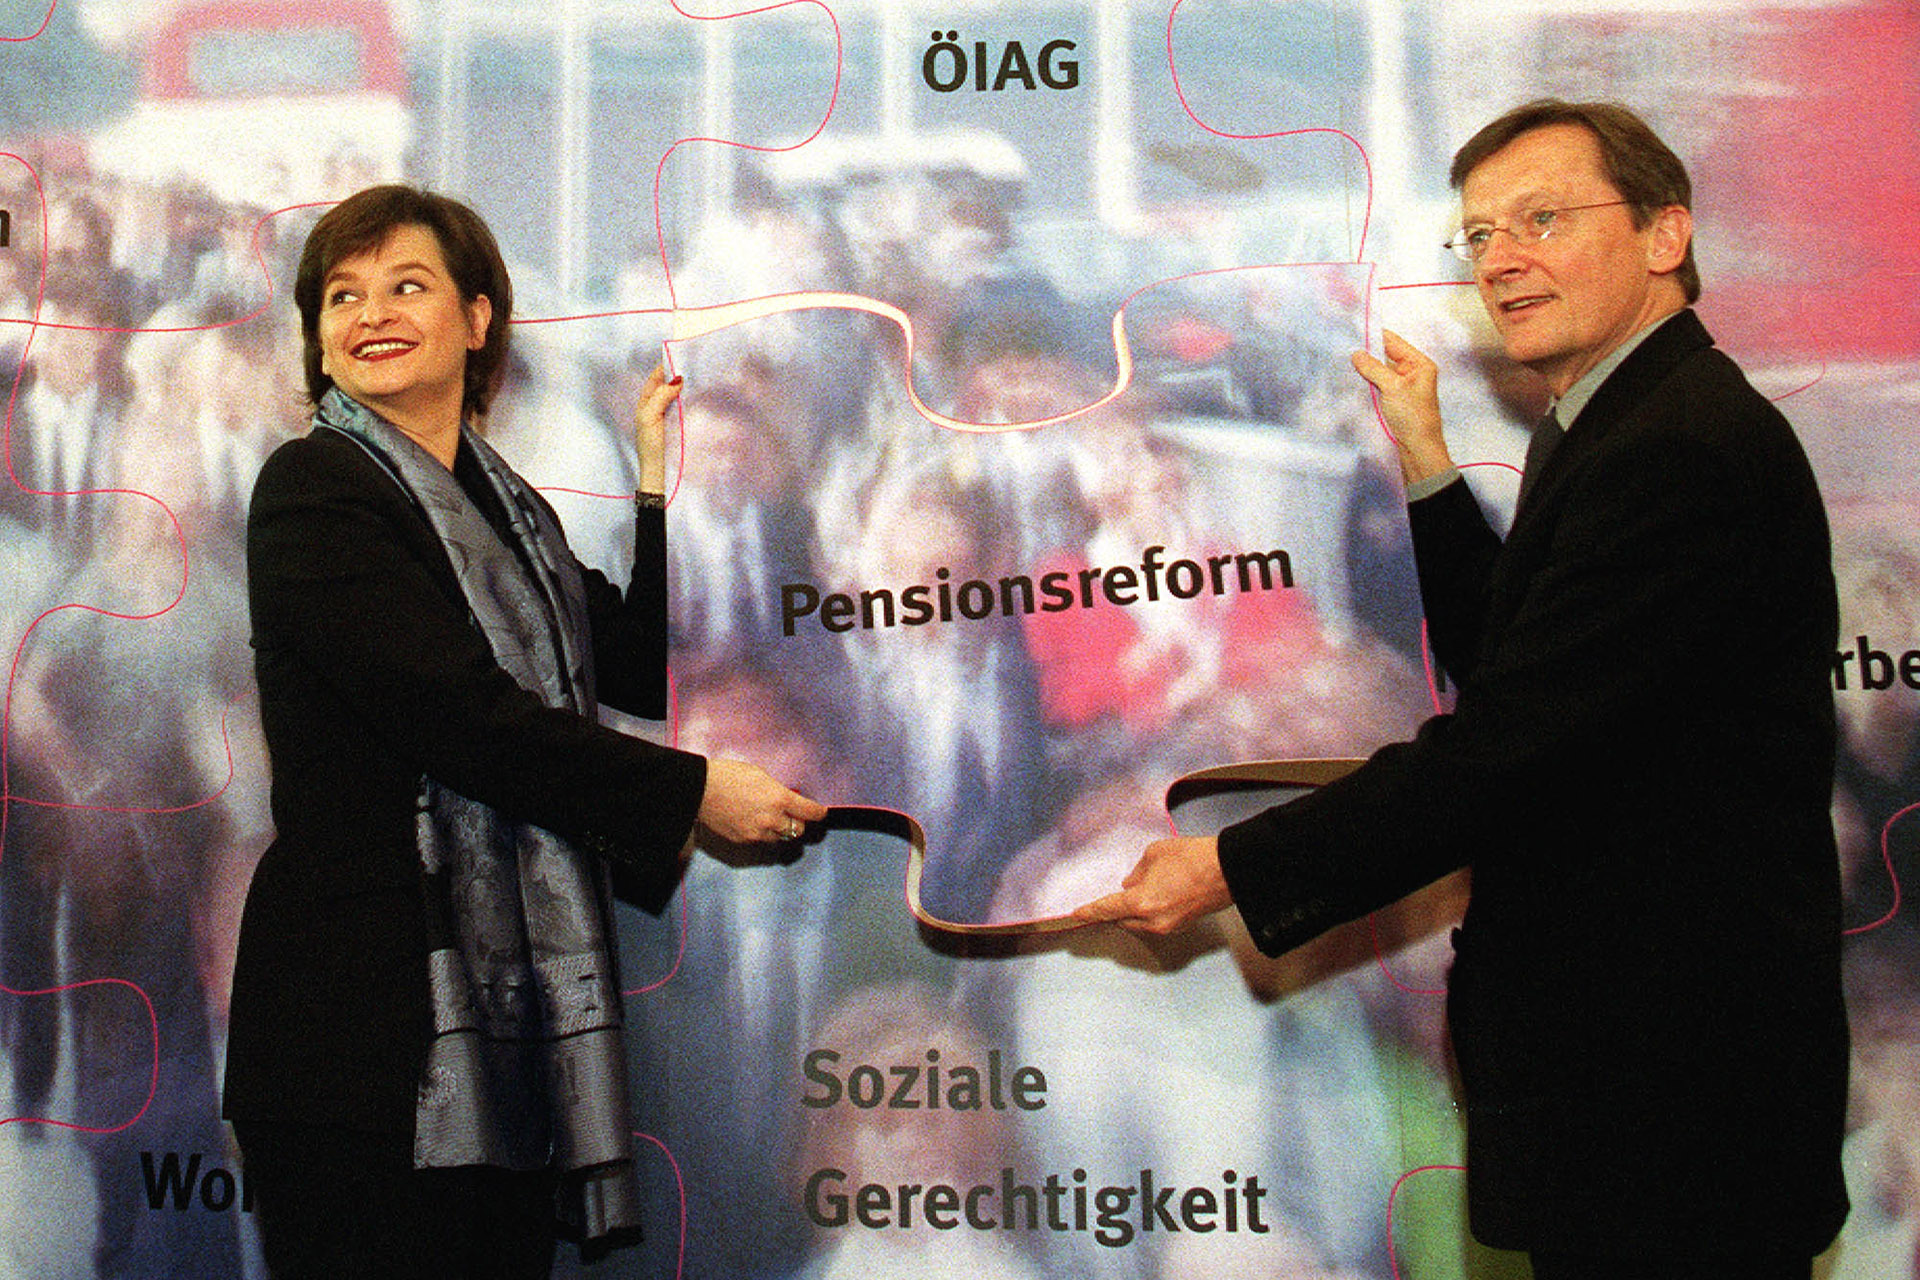 Message Control anno 2000: Vizekanzlerin Susanne Riess-Passer und Bundeskanzler Wolfgang Schuesselsetzen einen Puzzlestein für die Pensionsreform in ihr Puzzle mit Regierungsvorhaben ein.